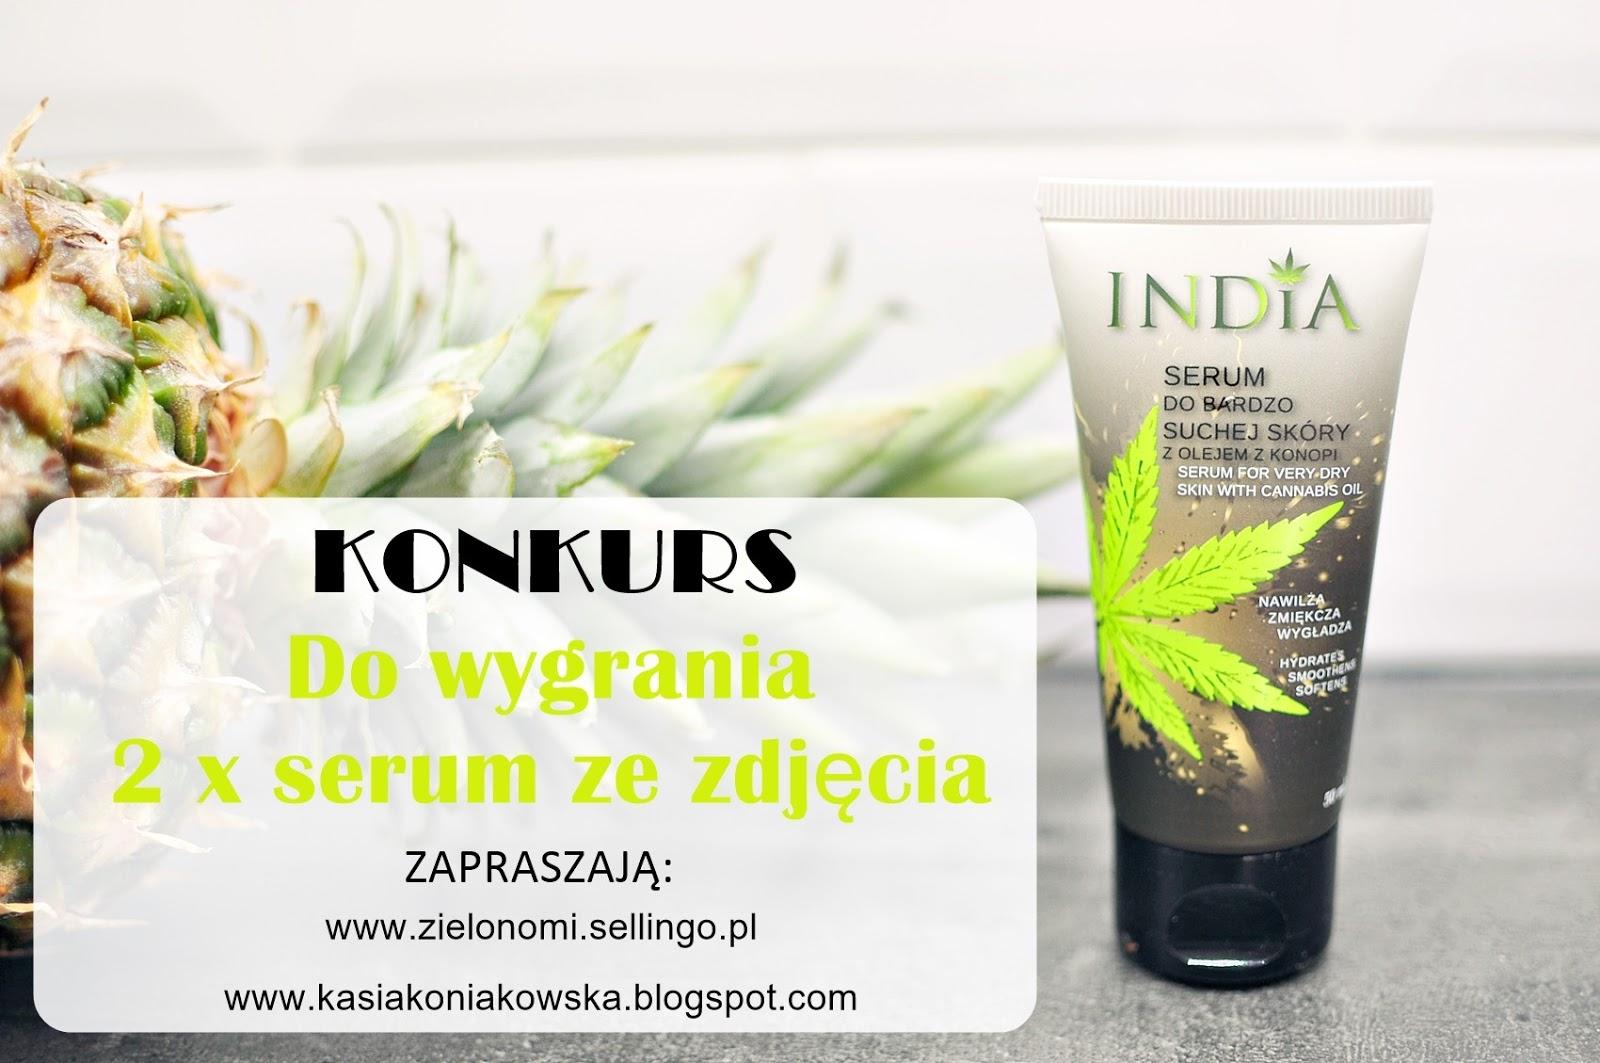 konkurs-na-blogu